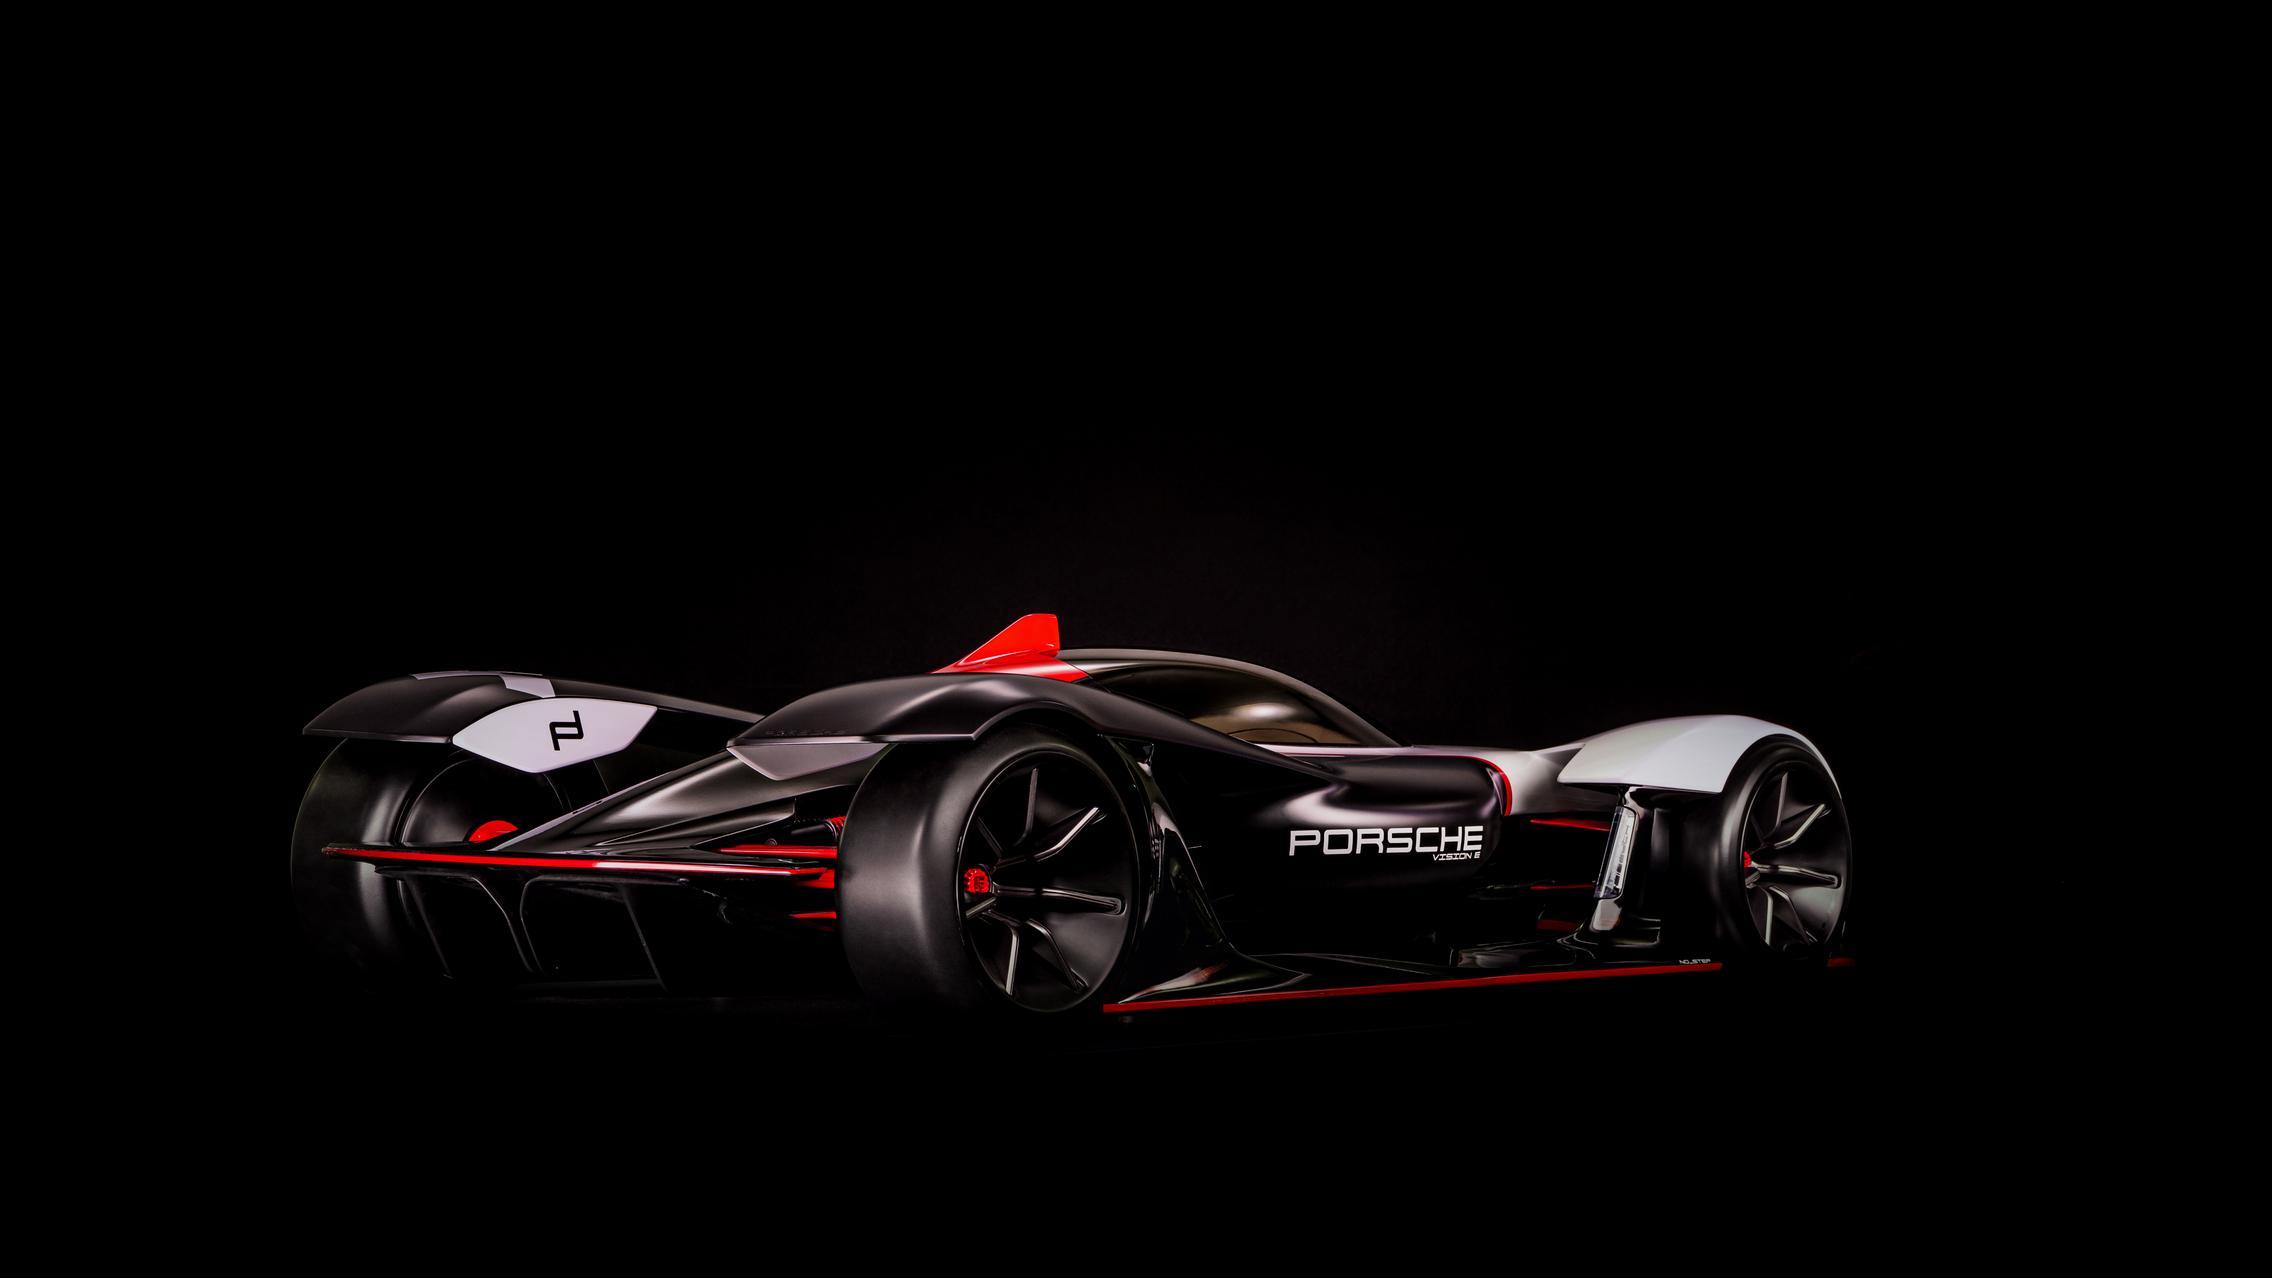 Porsche Vision E Rear